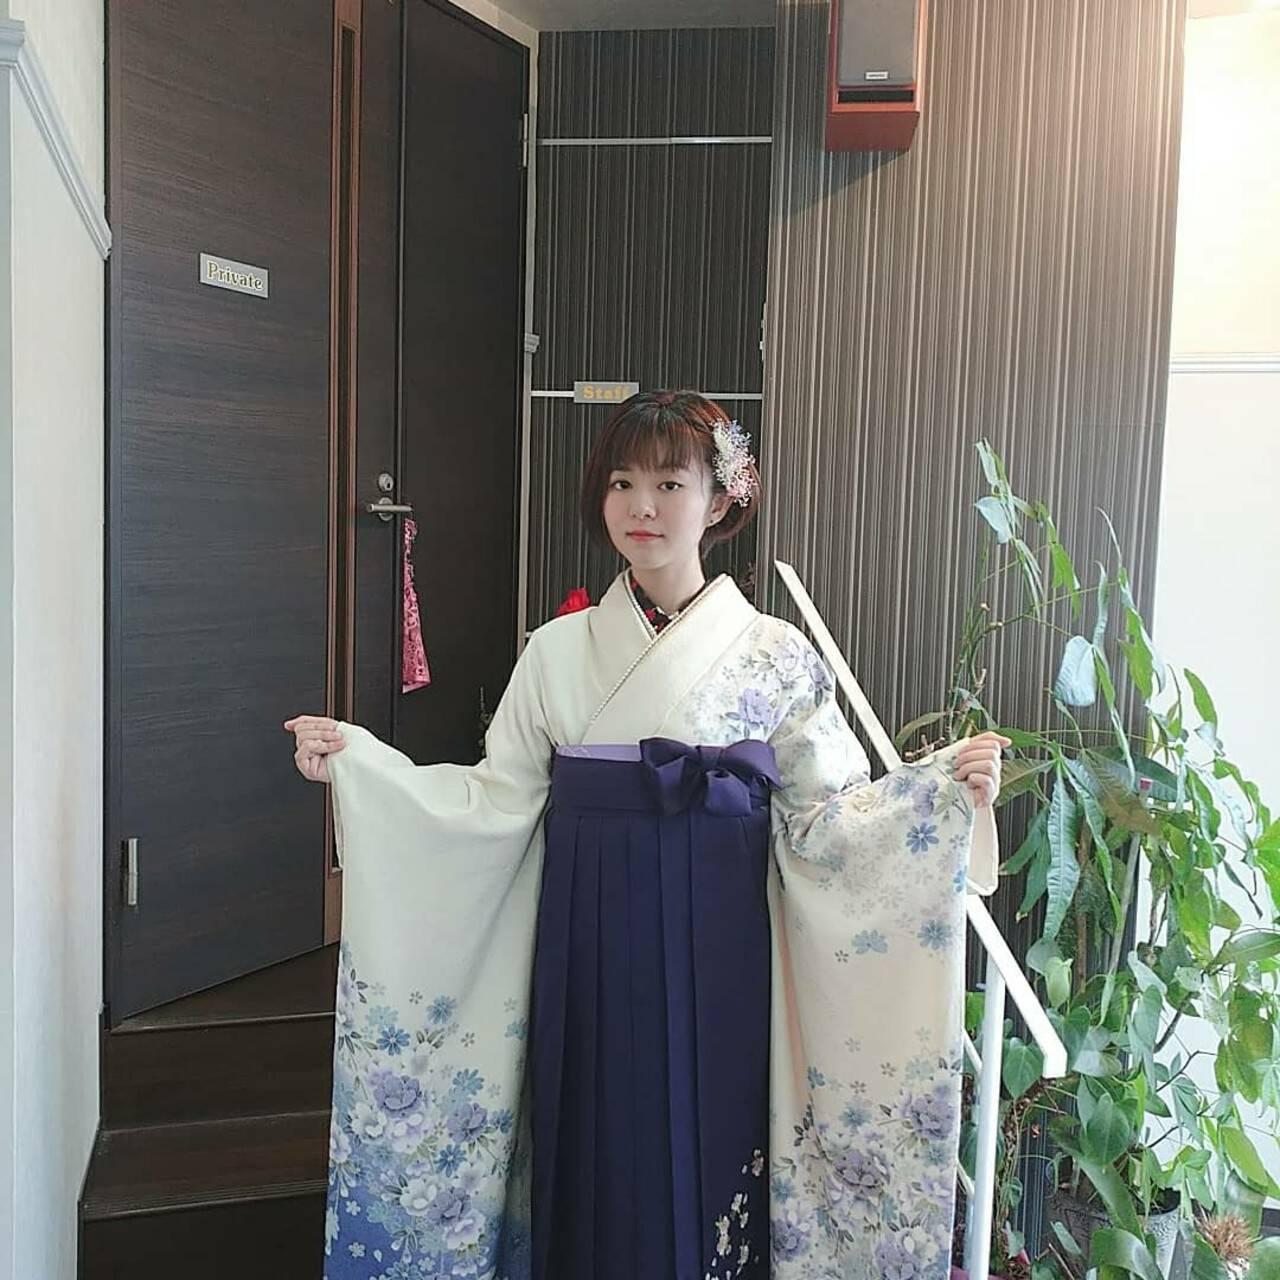 着物 袴 ナチュラル 巻き髪ヘアスタイルや髪型の写真・画像